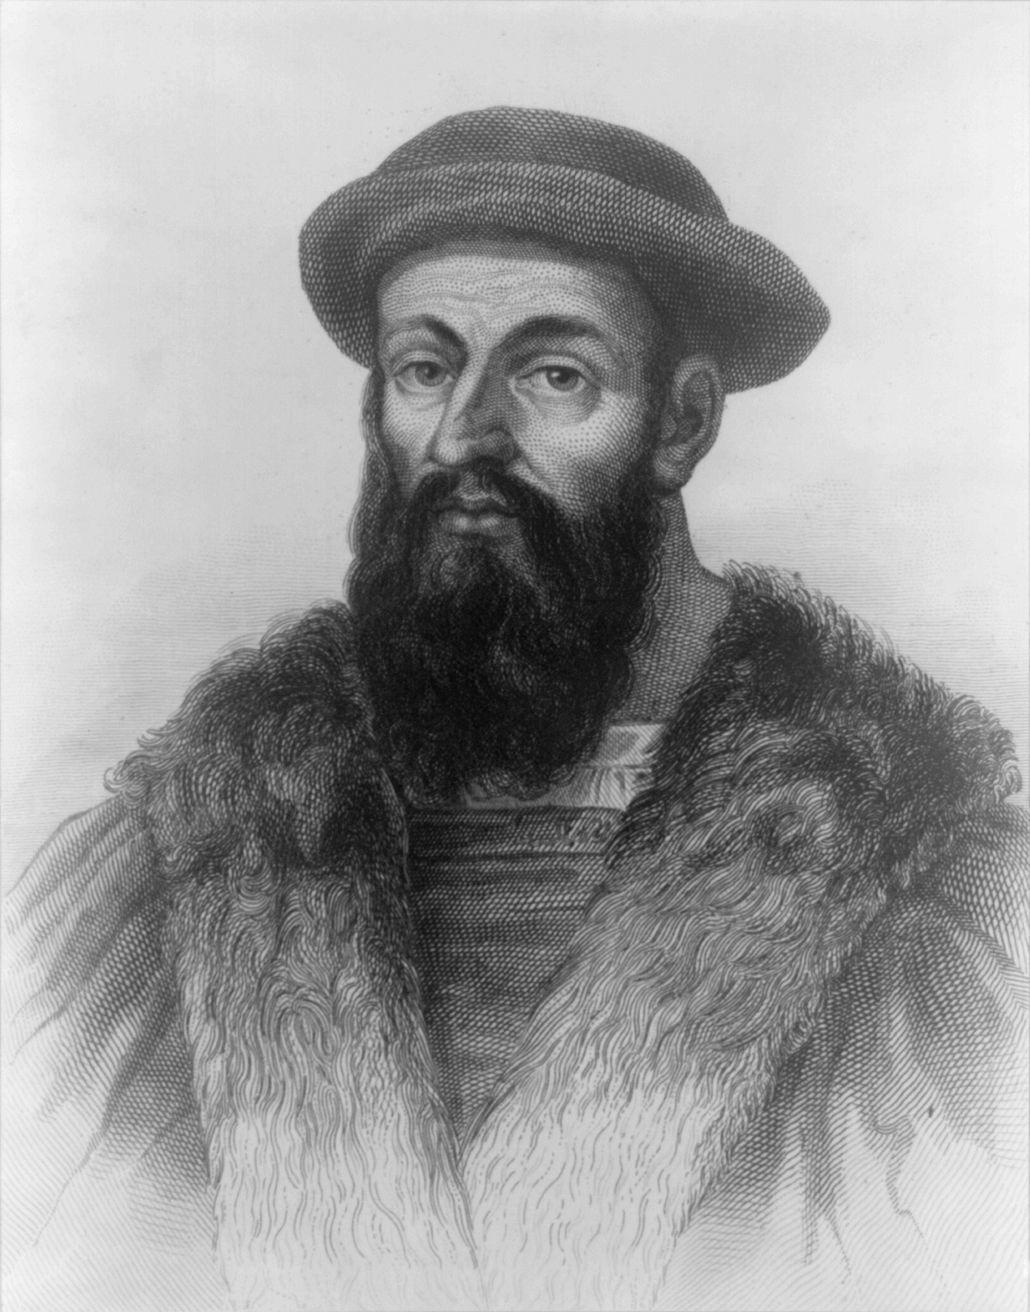 ferdinand magellan biography and legacy